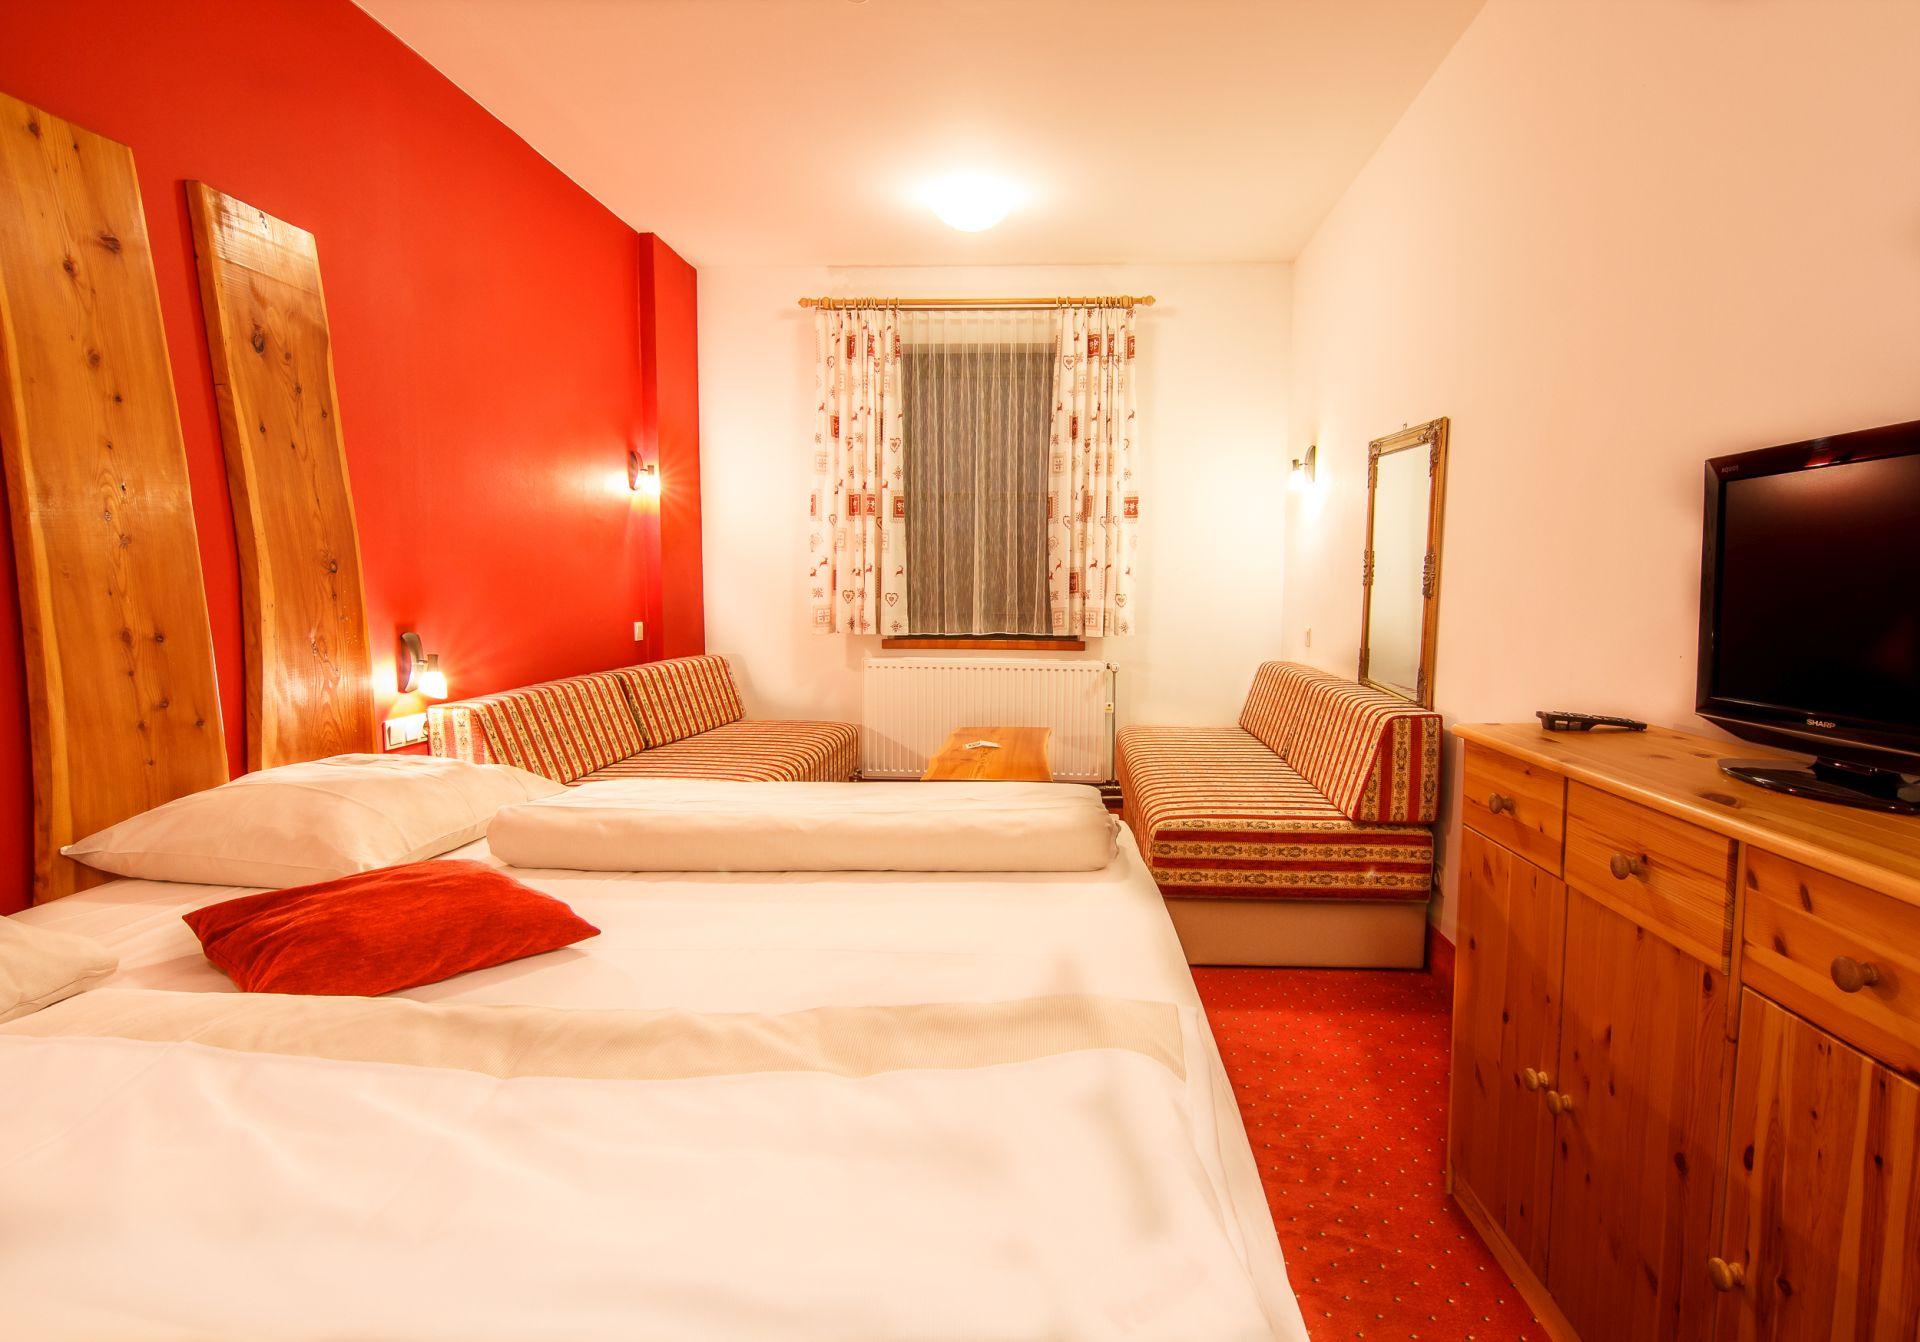 Doppel Zimmer Komfort Alpenhotel Marcius Nassfeld Sonnleitn